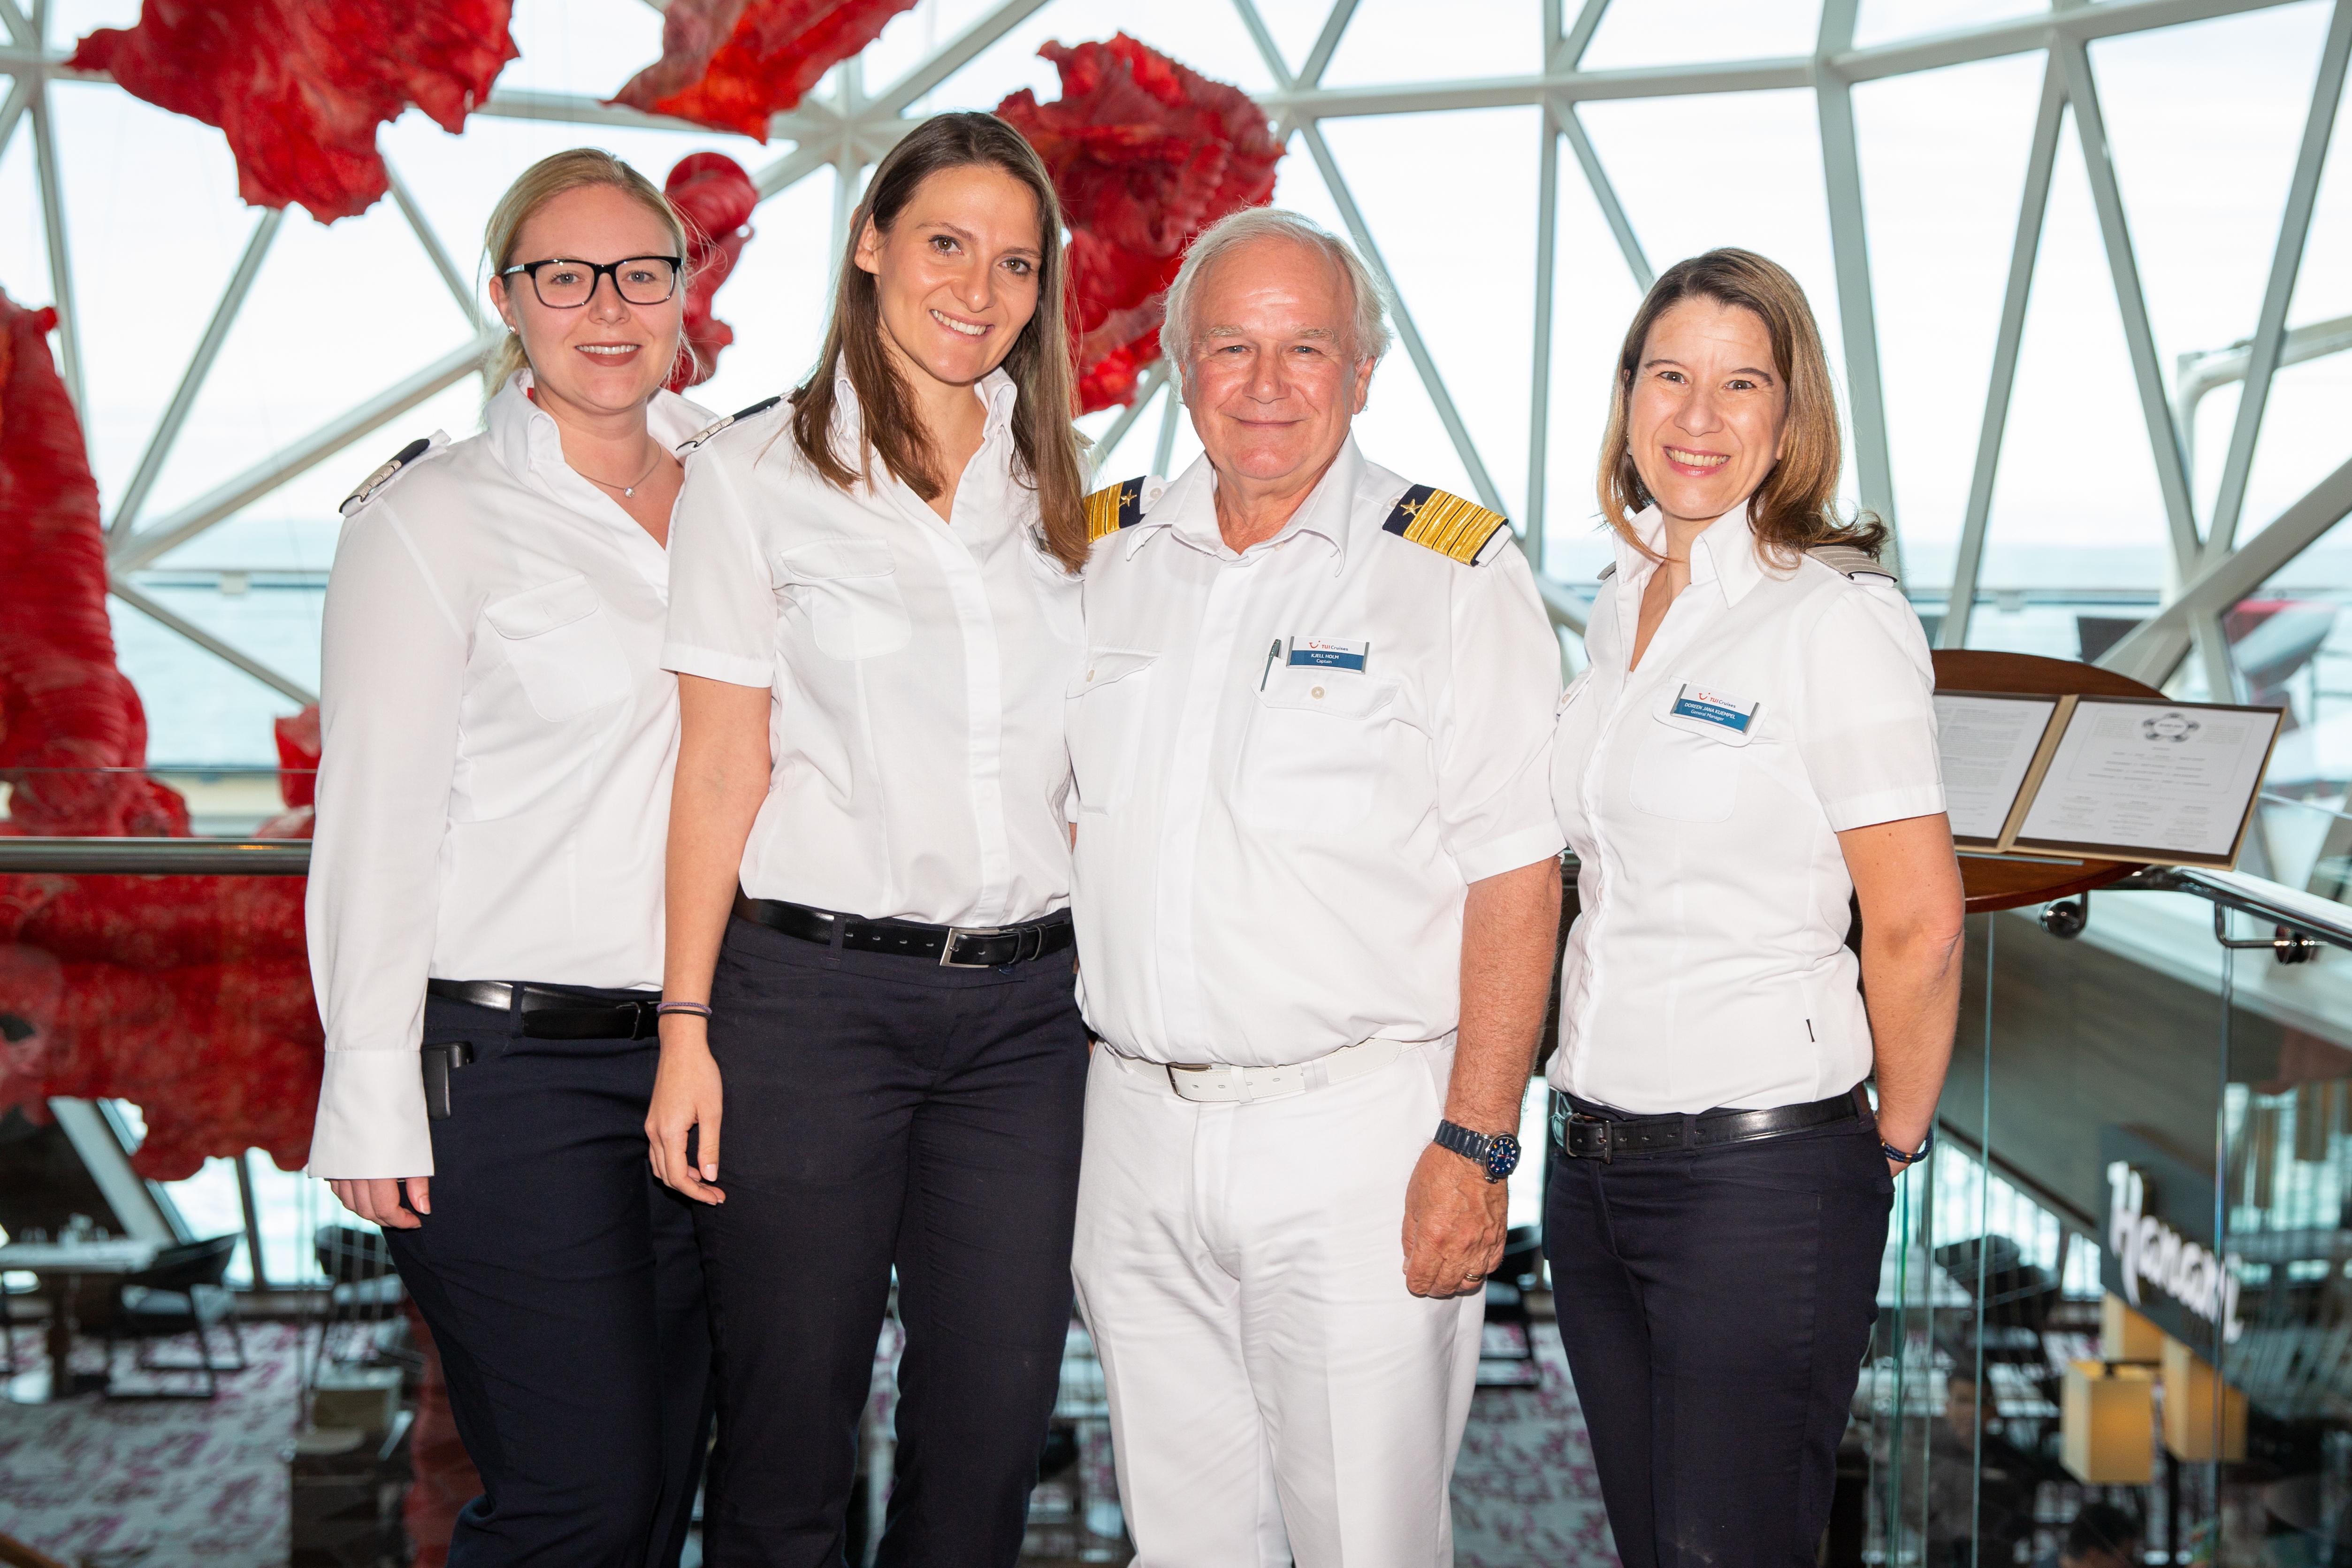 Mein Schiff Urlaubsheldin Danijela Musinovic mit ihren Vorgesetzten